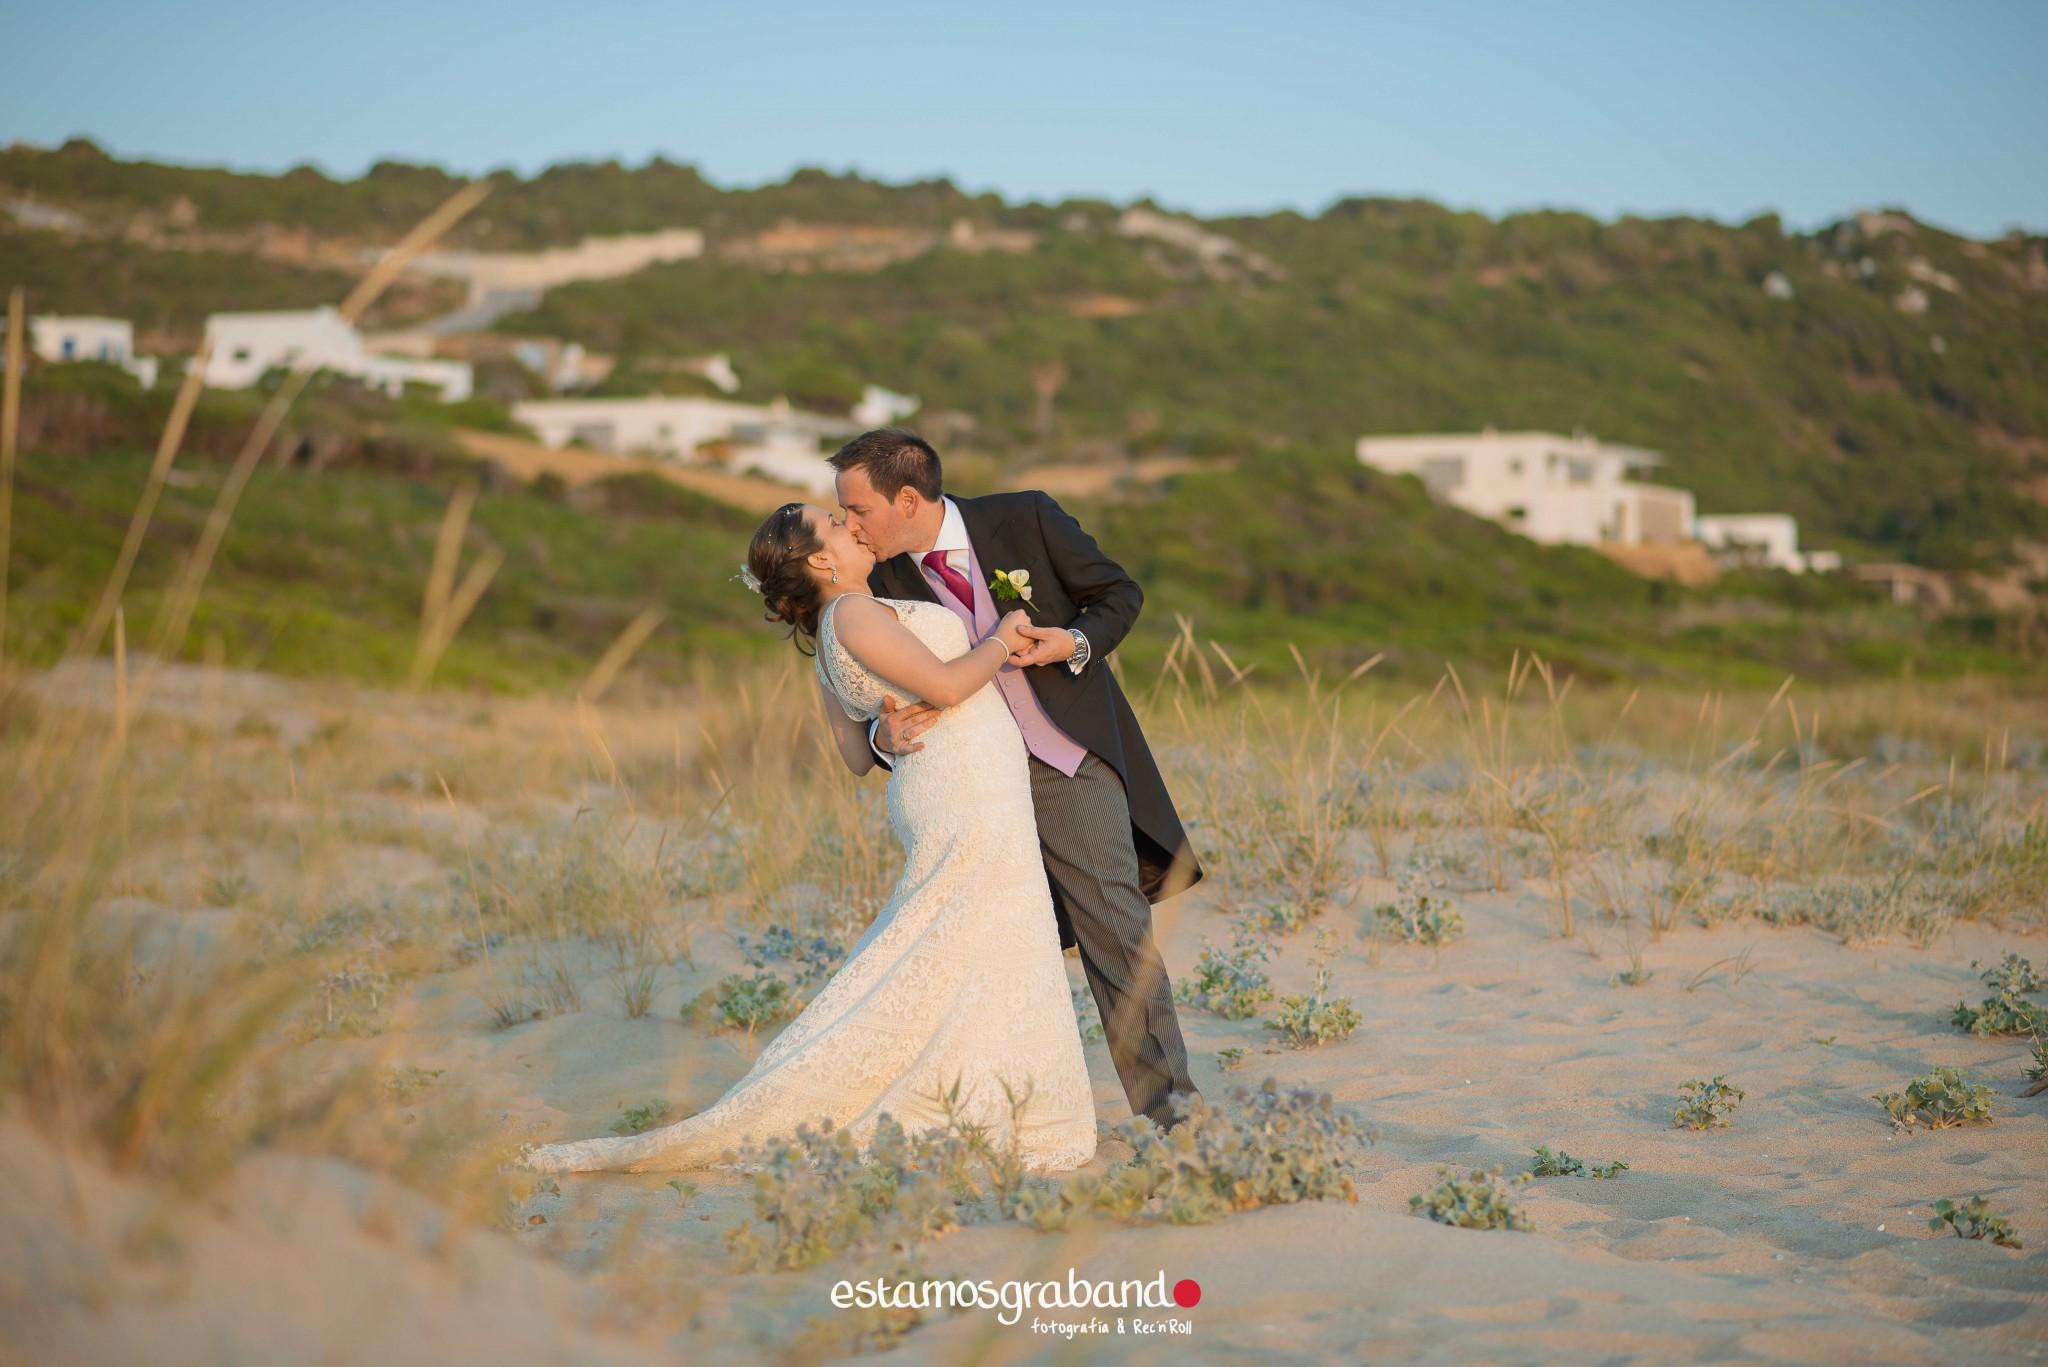 boda-en-chiclana_sonia-y-diego_fotograficc81a-de-boda-60 Zahara Sonia + Diego [Fotografía de Boda en Zahara] - video boda cadiz